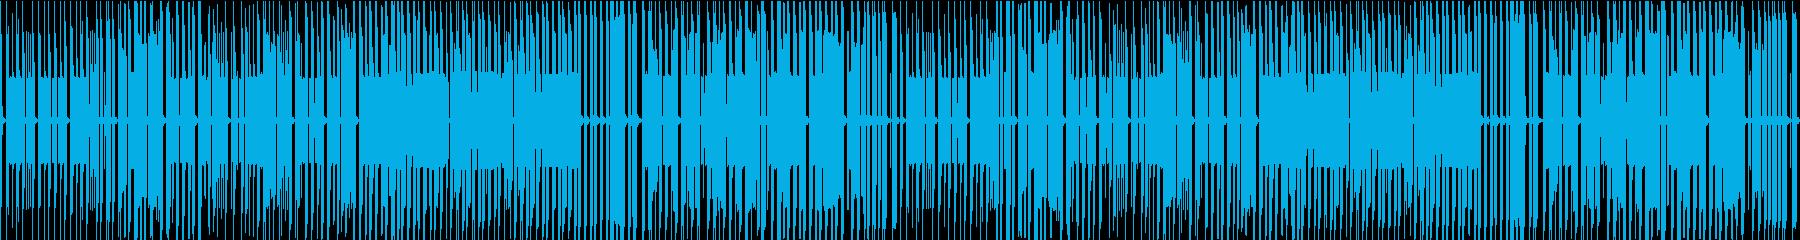 FC風ループ 打ち寄せる波を越えての再生済みの波形